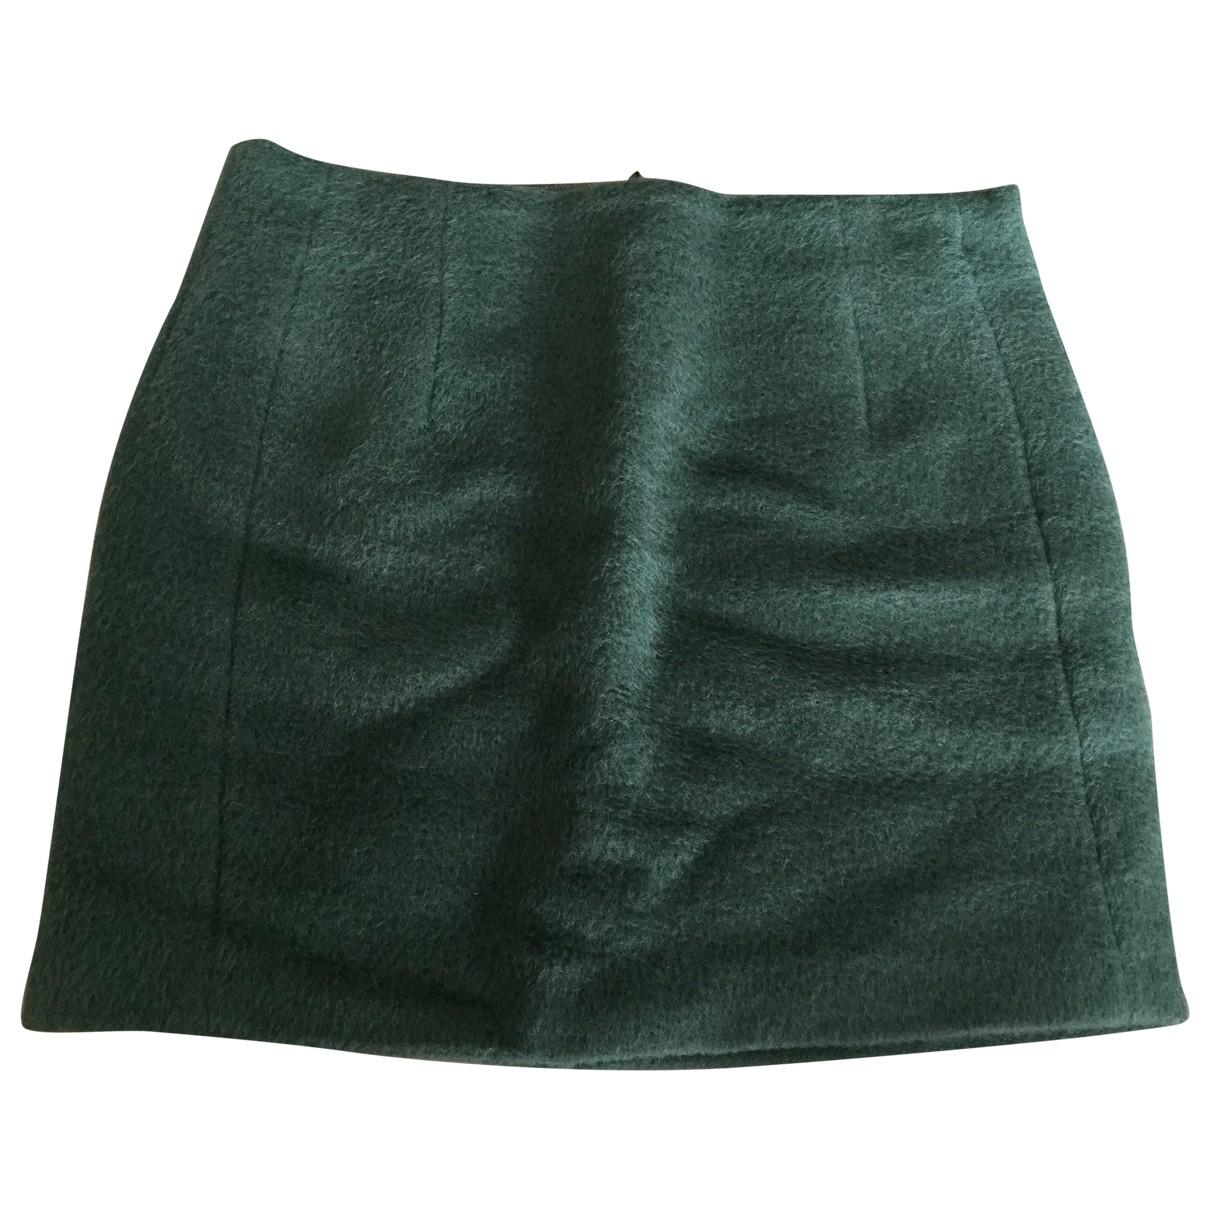 Acne Studios \N Green Wool skirt for Women 34 FR